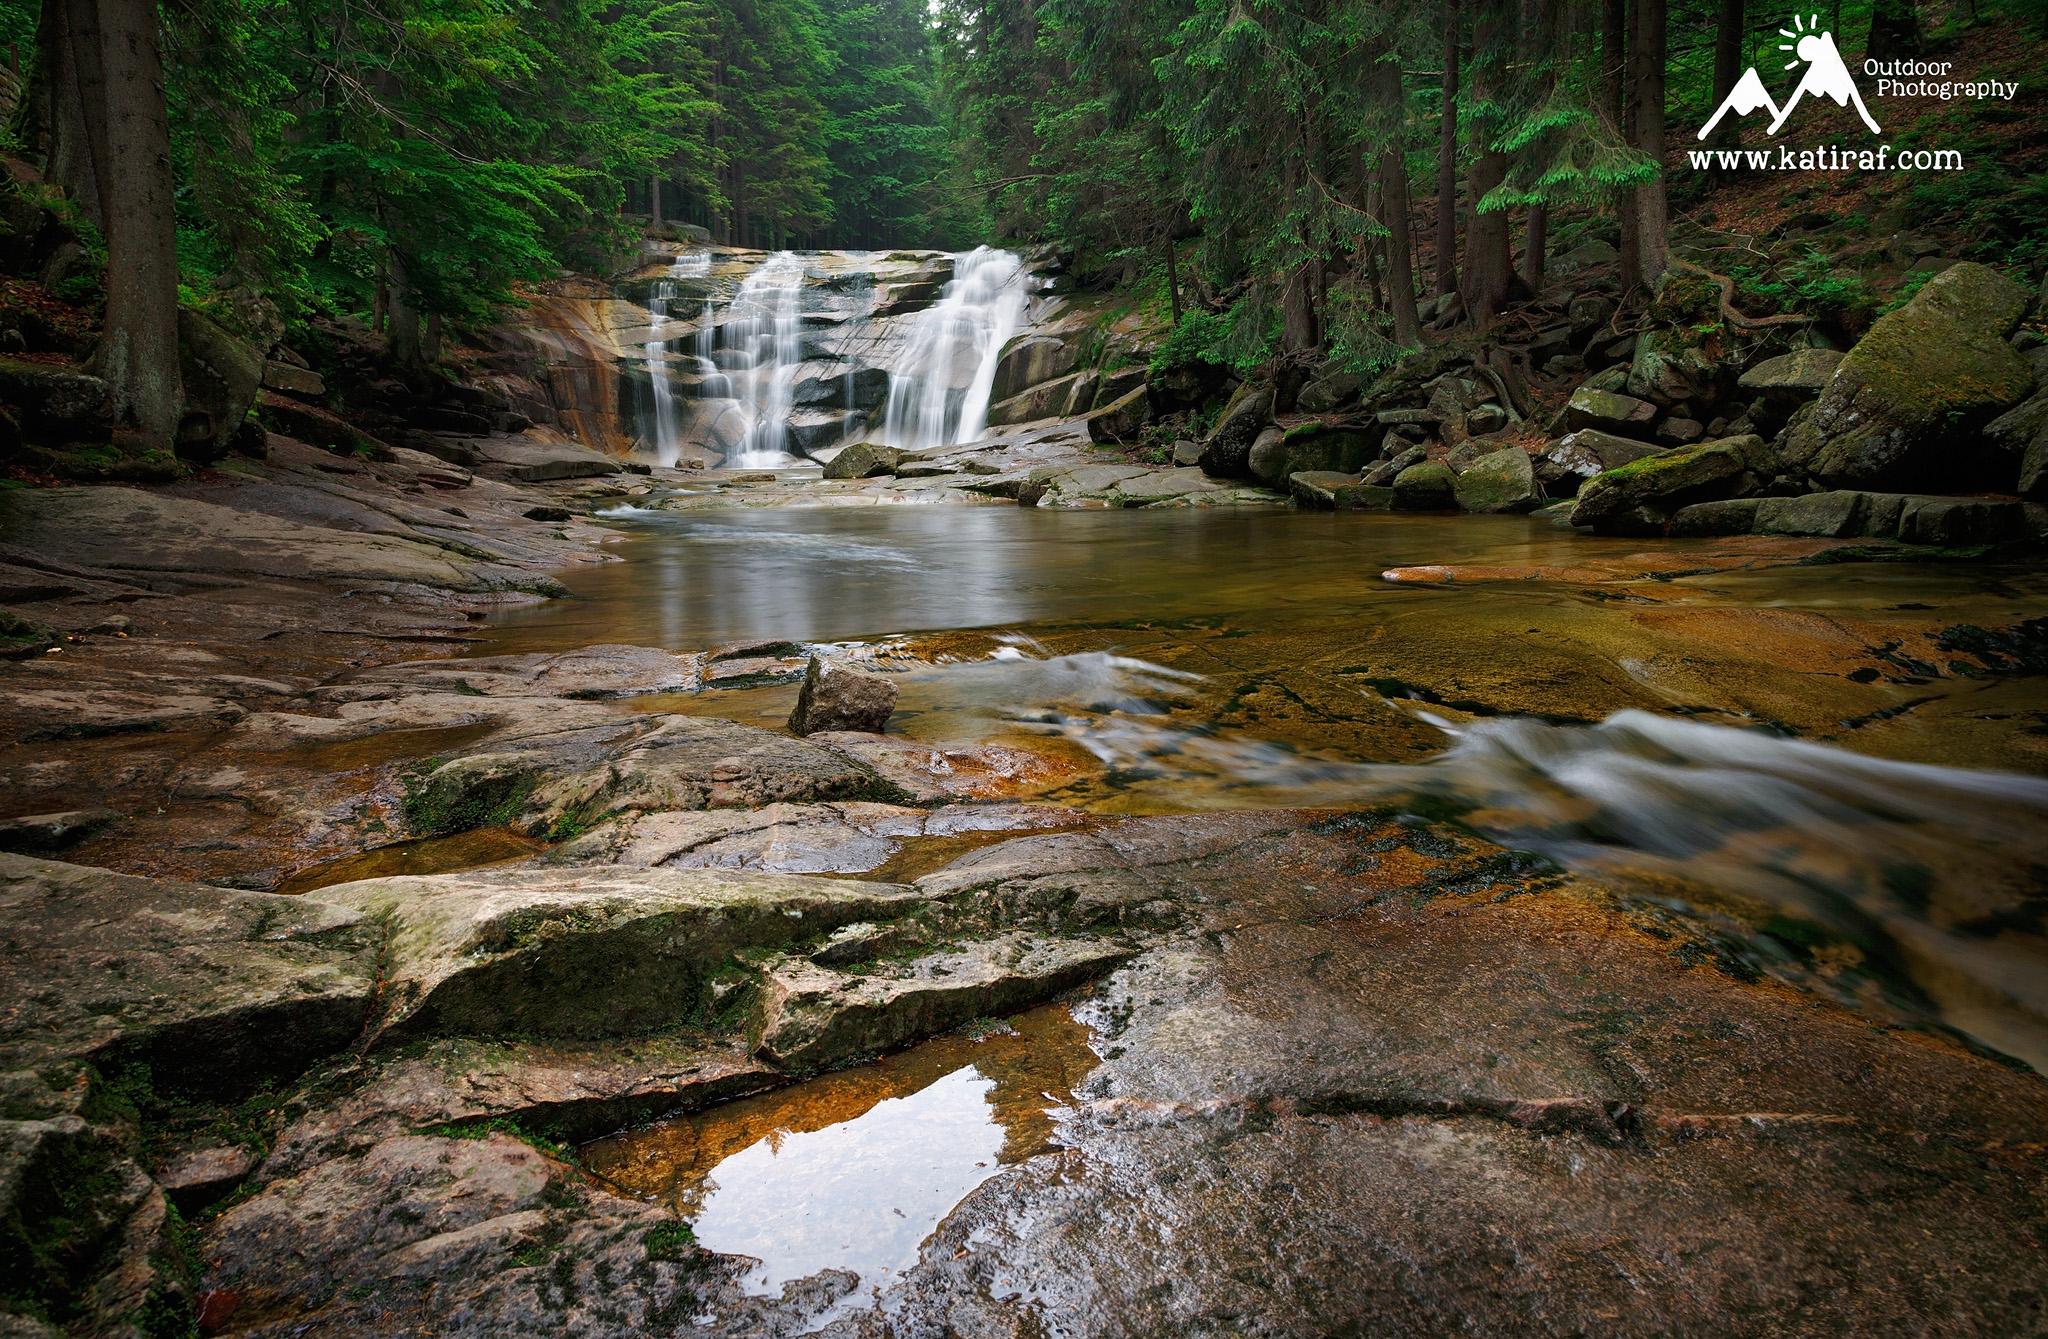 Wodospad Mumlavy, Karkonosze, Czechy www.katiraf.com